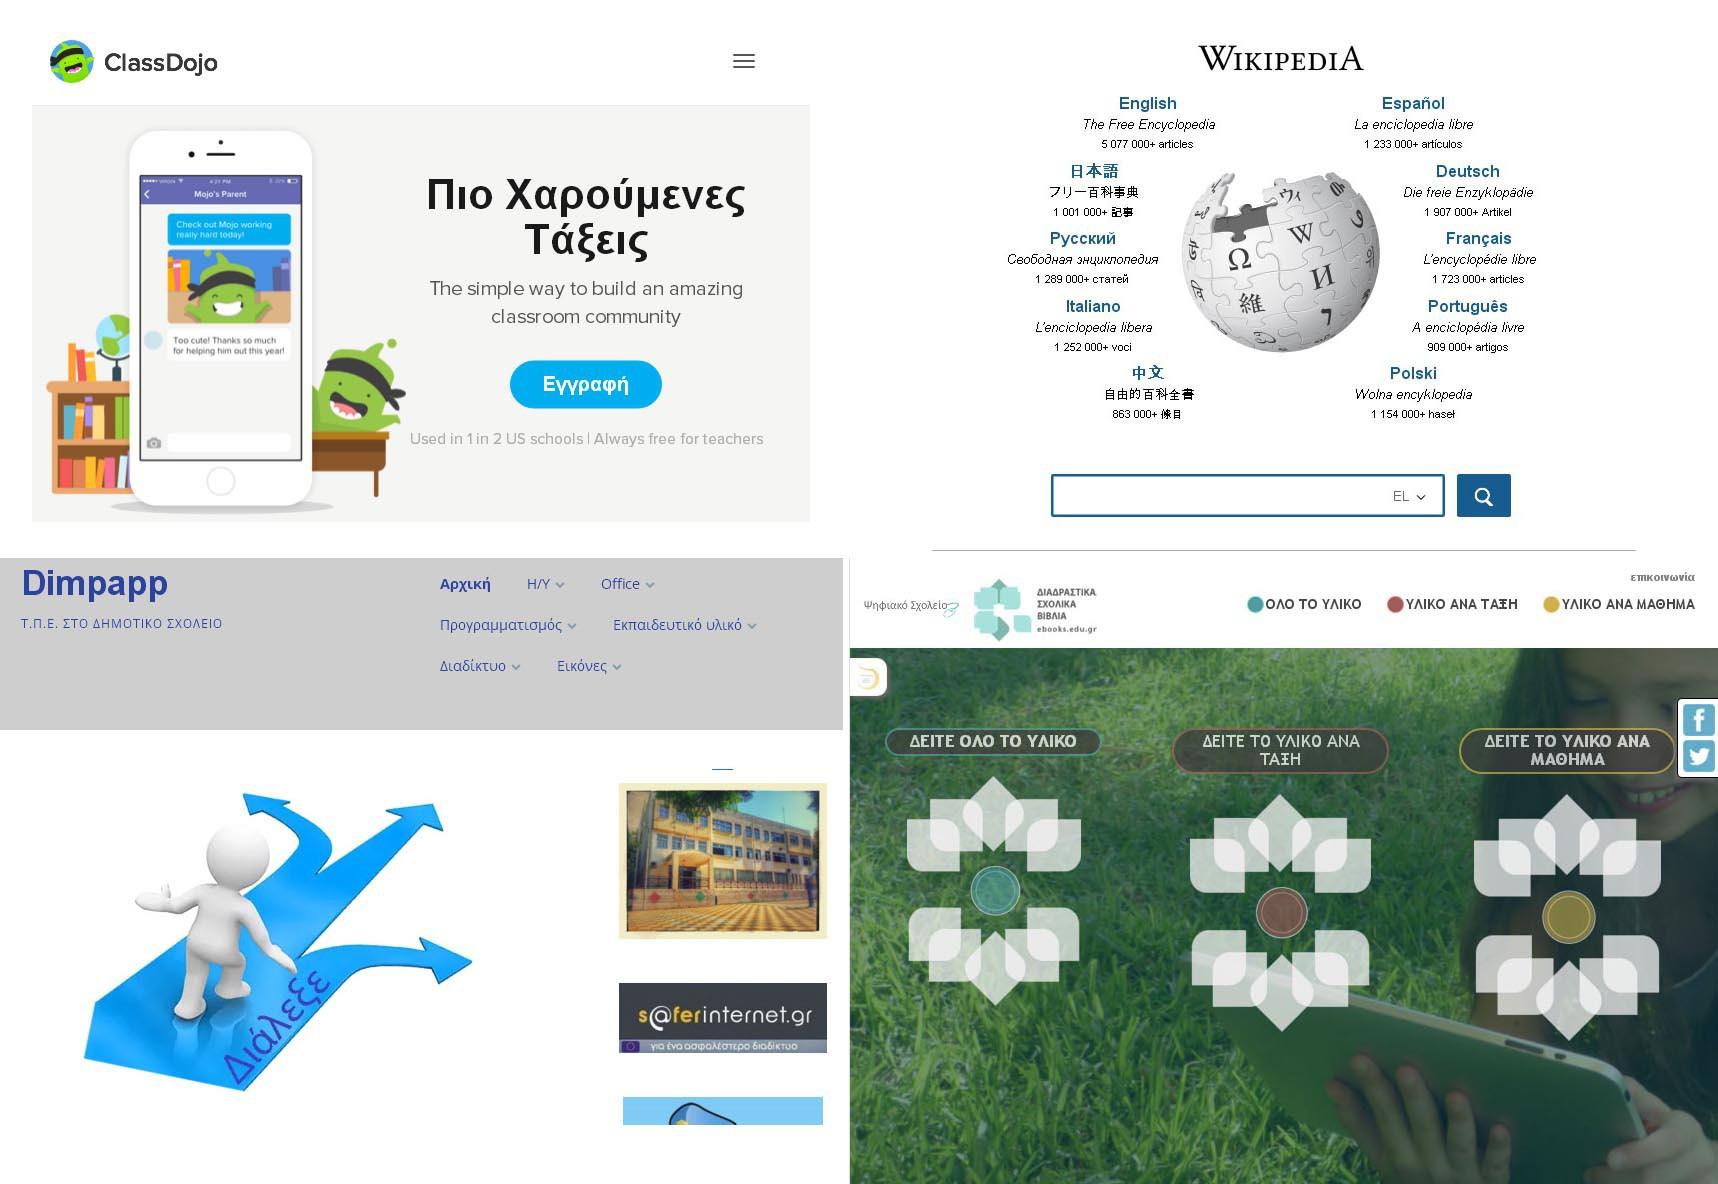 Διάφορες ιστοσελίδες